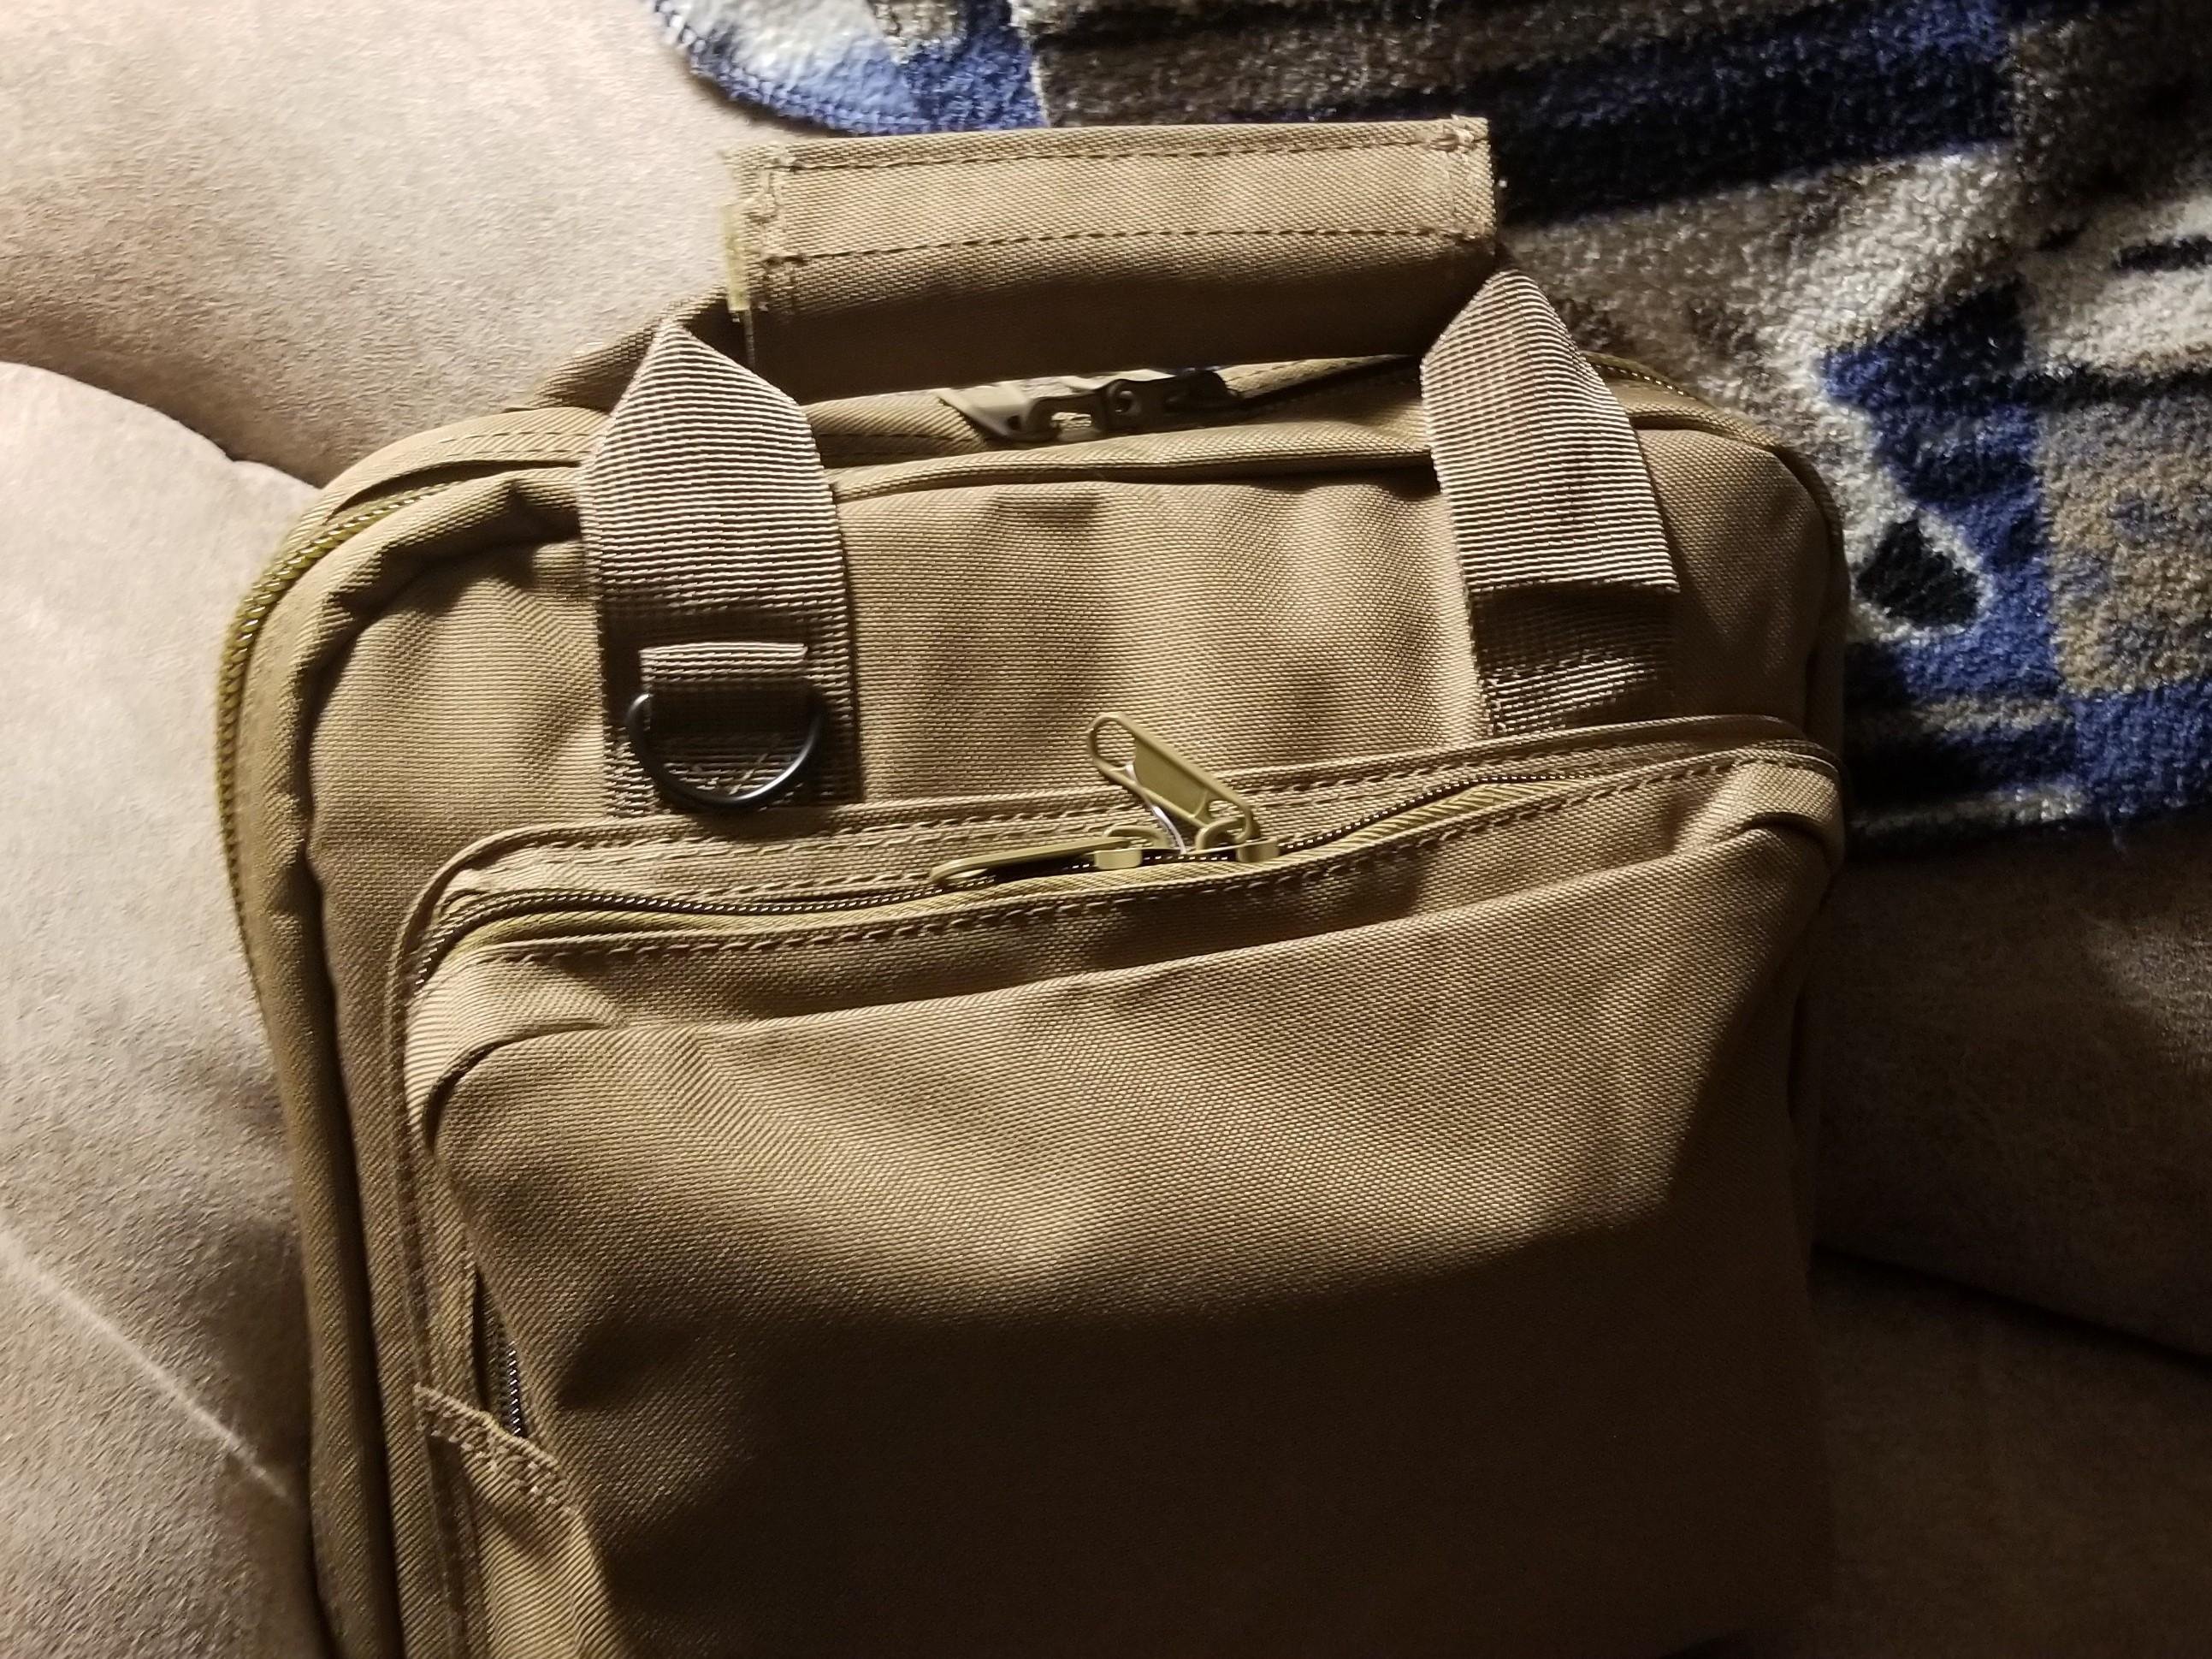 A New Gun Bag